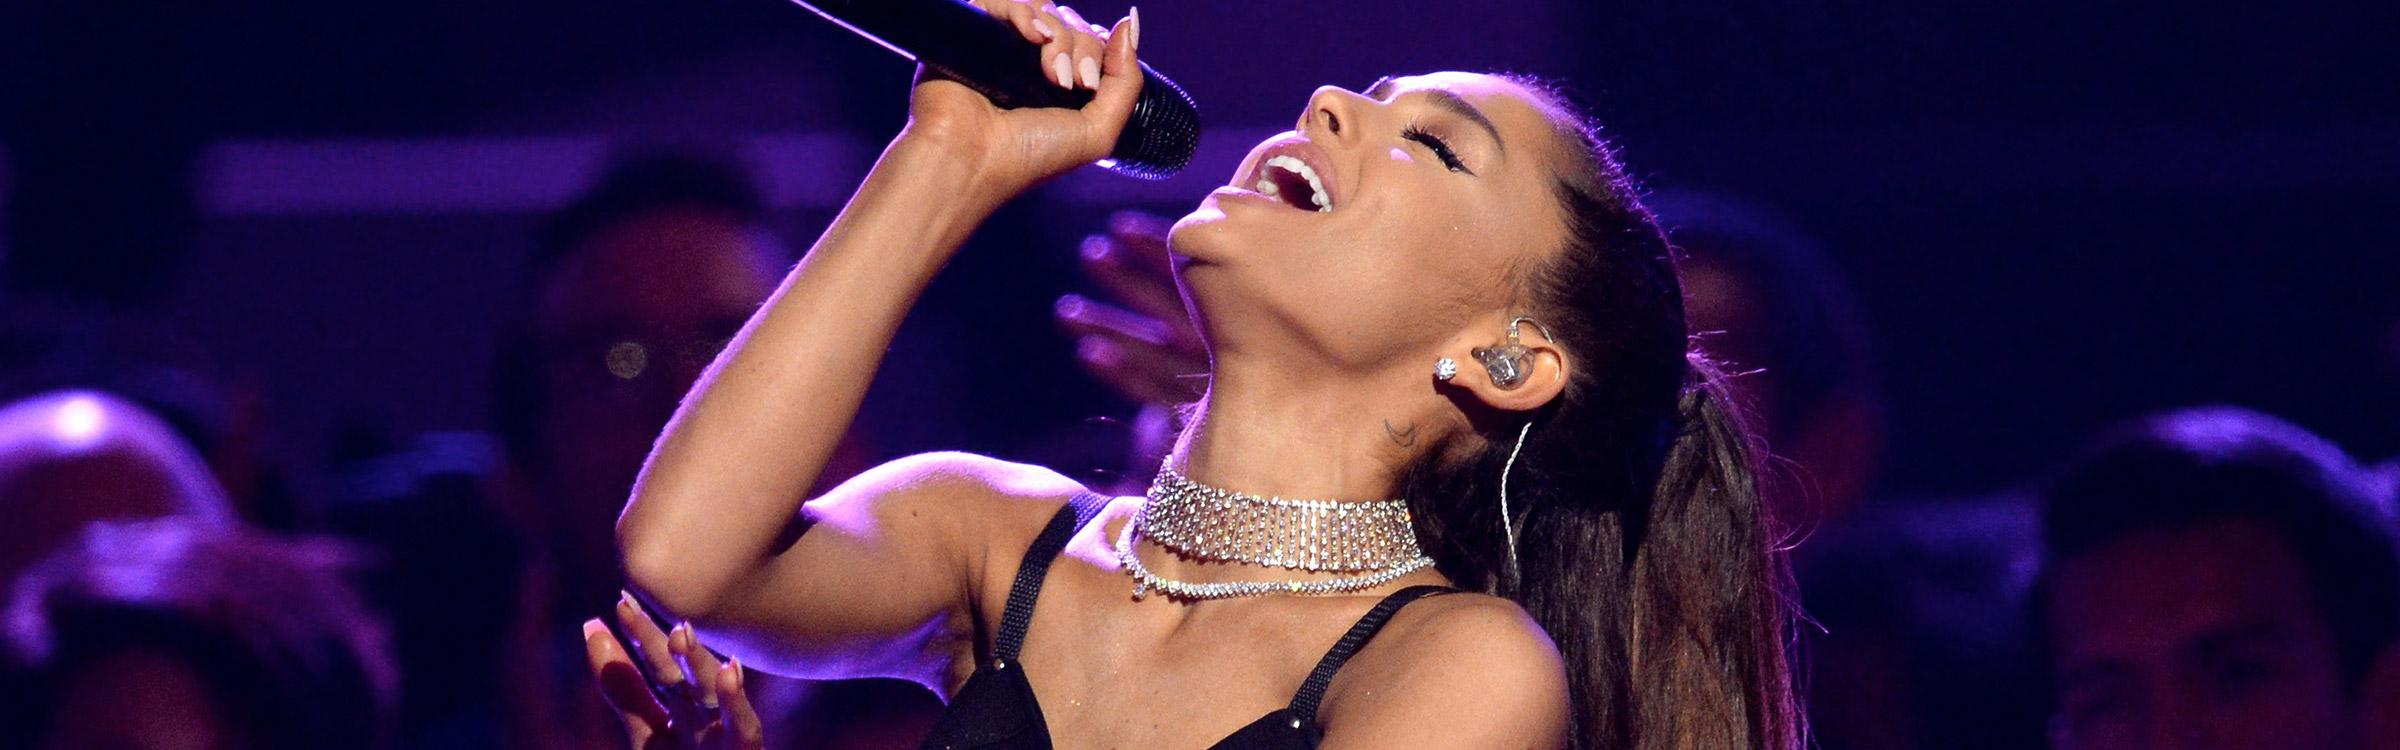 Ariana headerafb